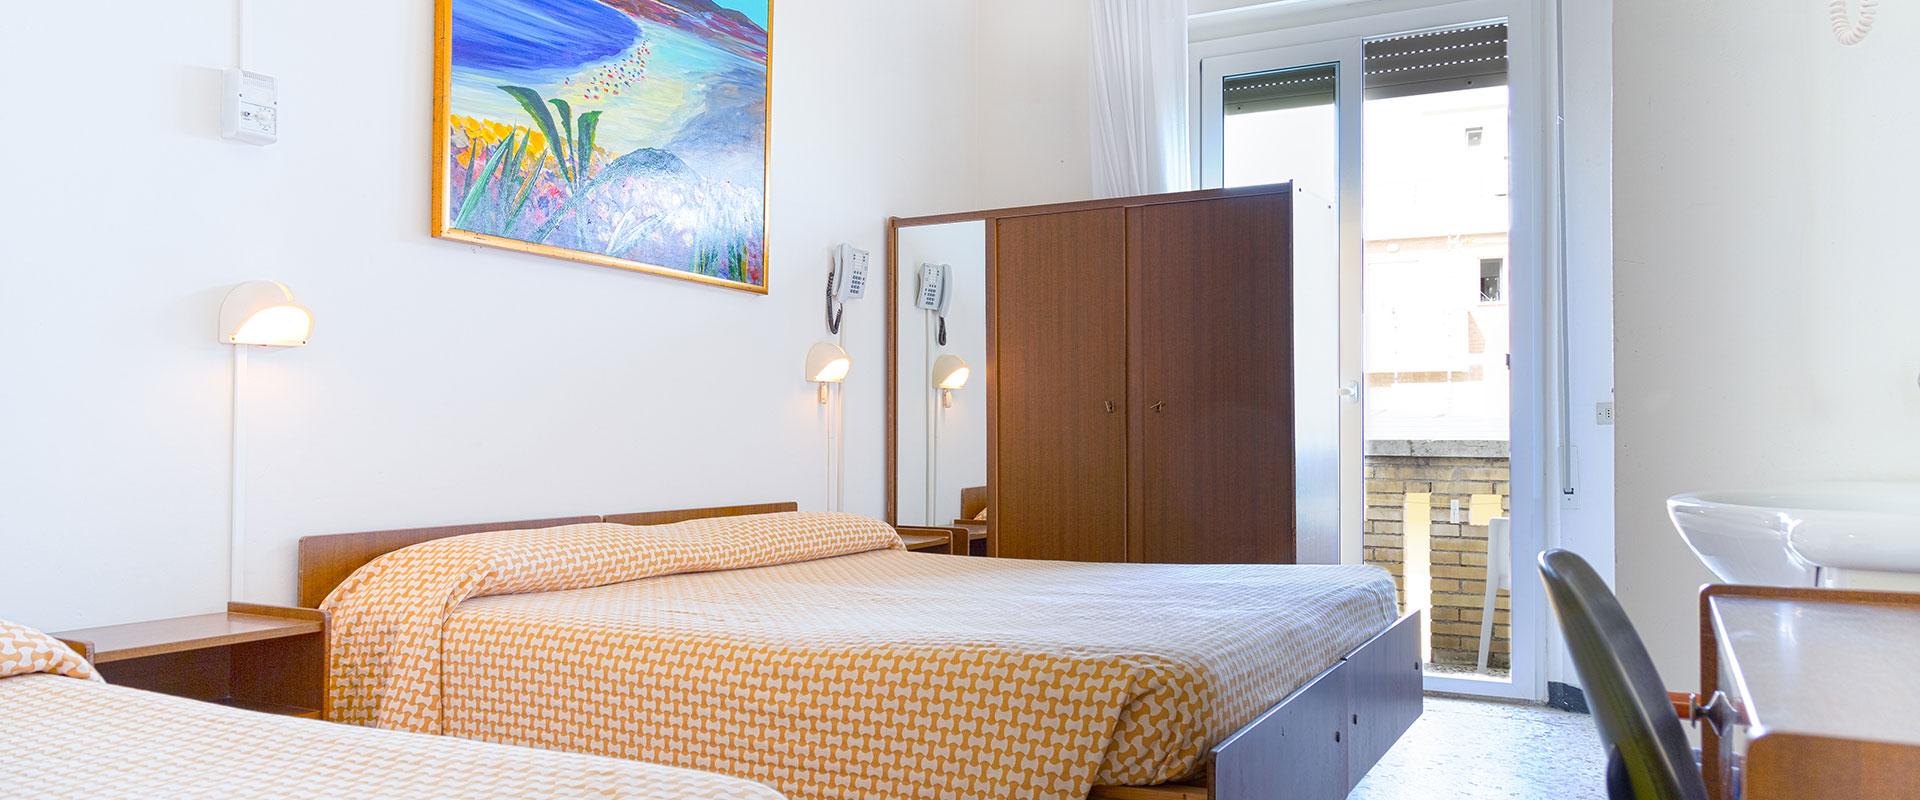 Hotel con spiaggia Torrette di Fano